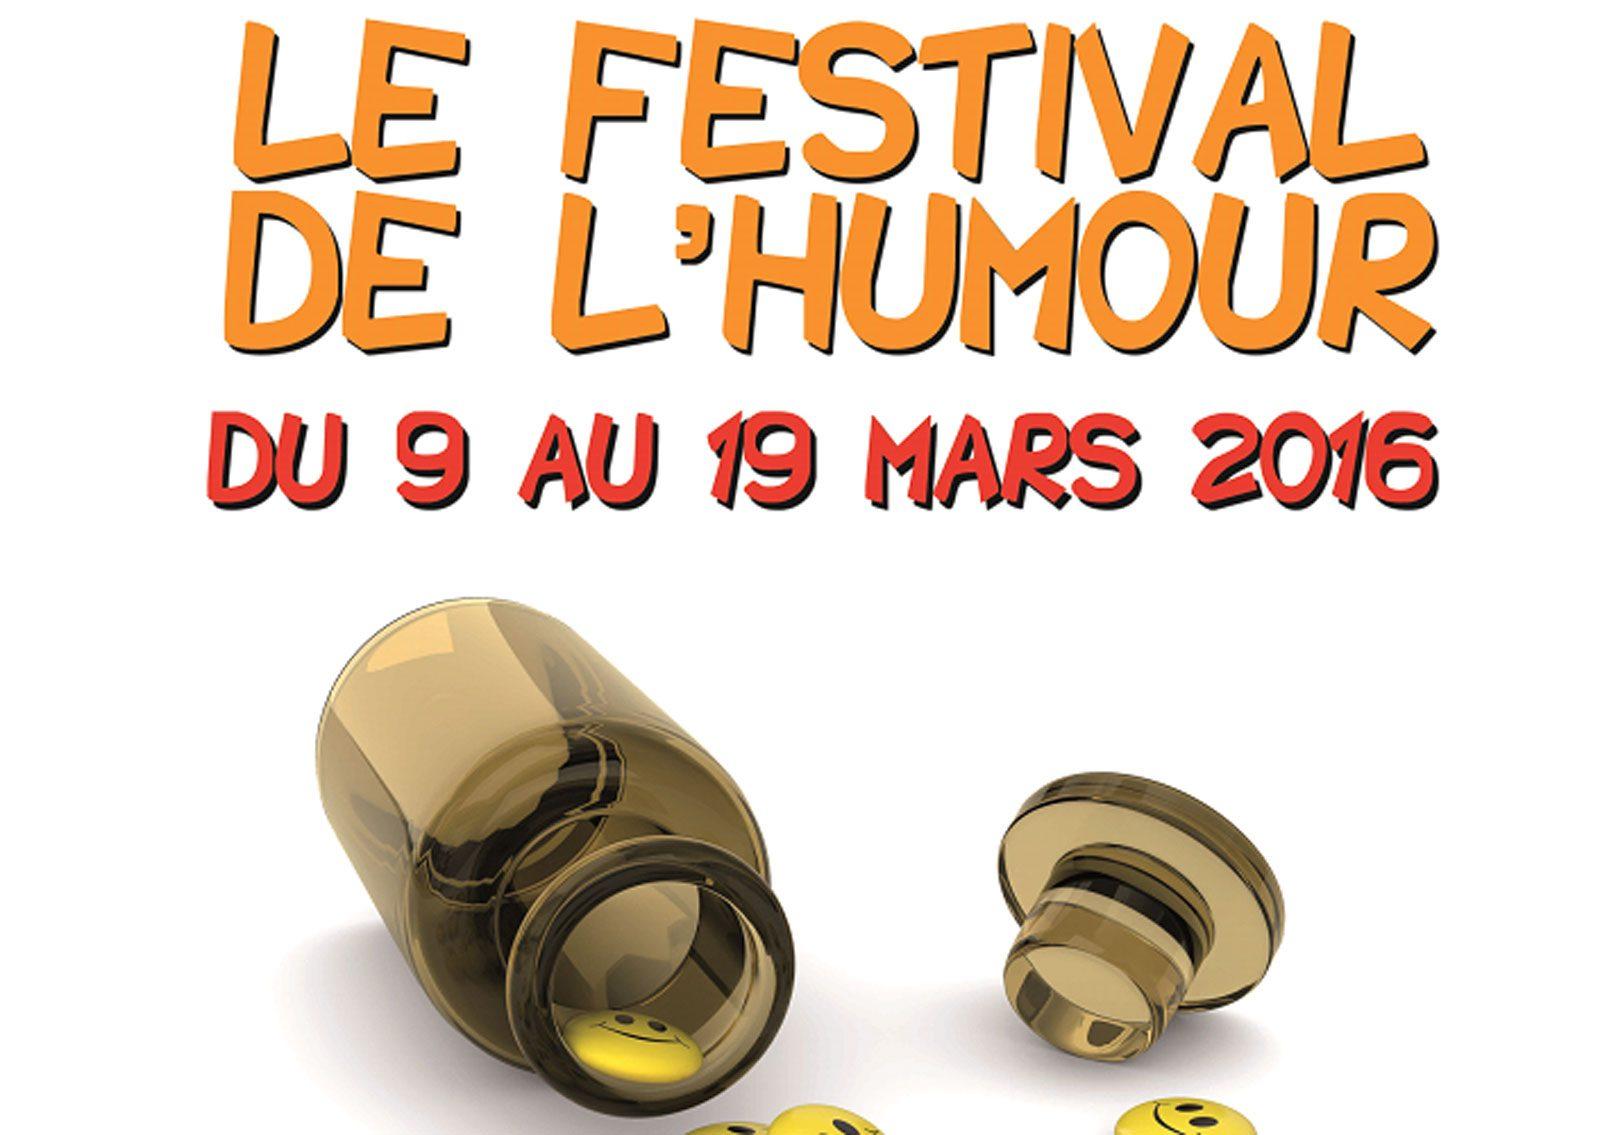 Festival de l'humour 2016 à Montigny-les-Metz : le programme